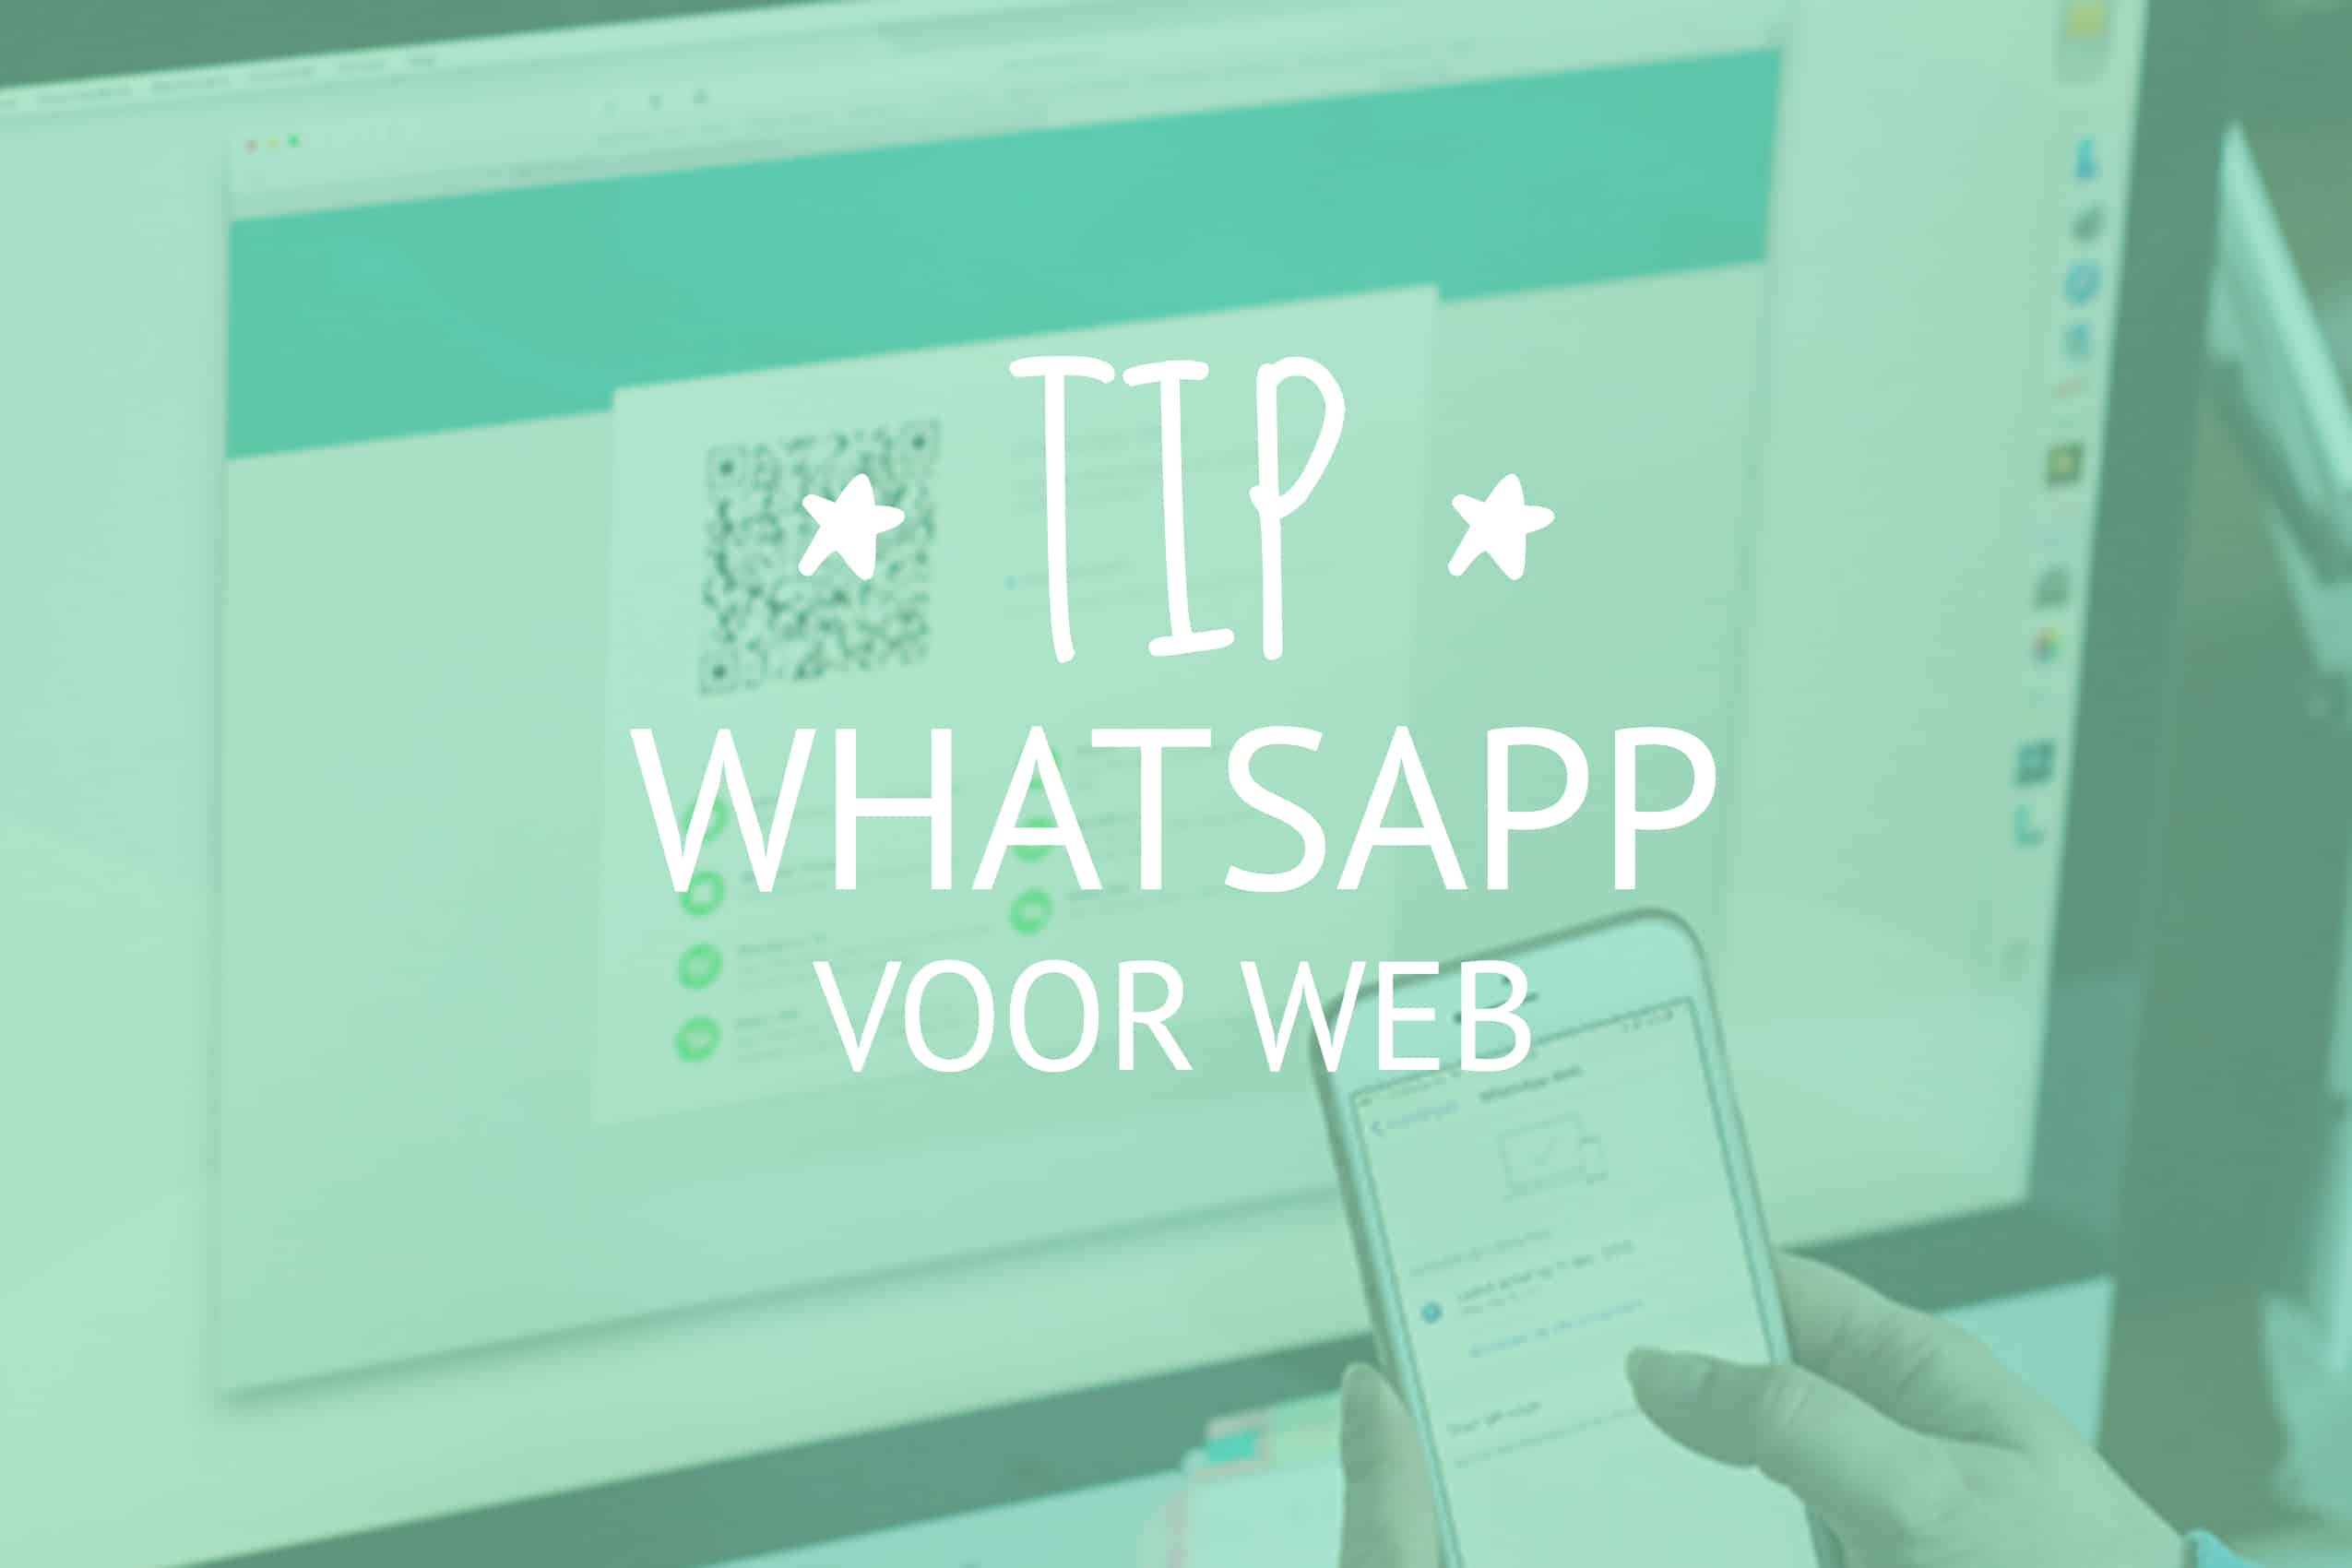 Whatsapp voor web VA for Adventure